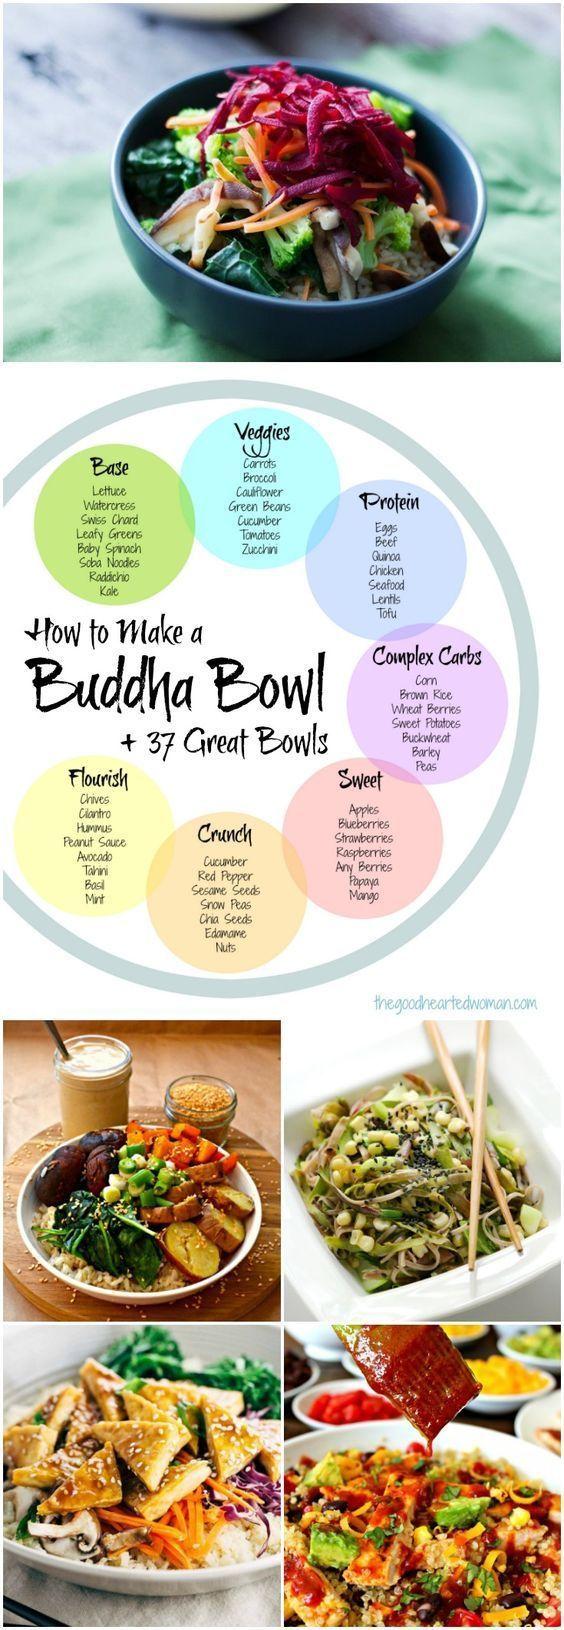 Wie erstelle ich eine Buddha-Schale? {+37 Great Bowls} – Clara Müller